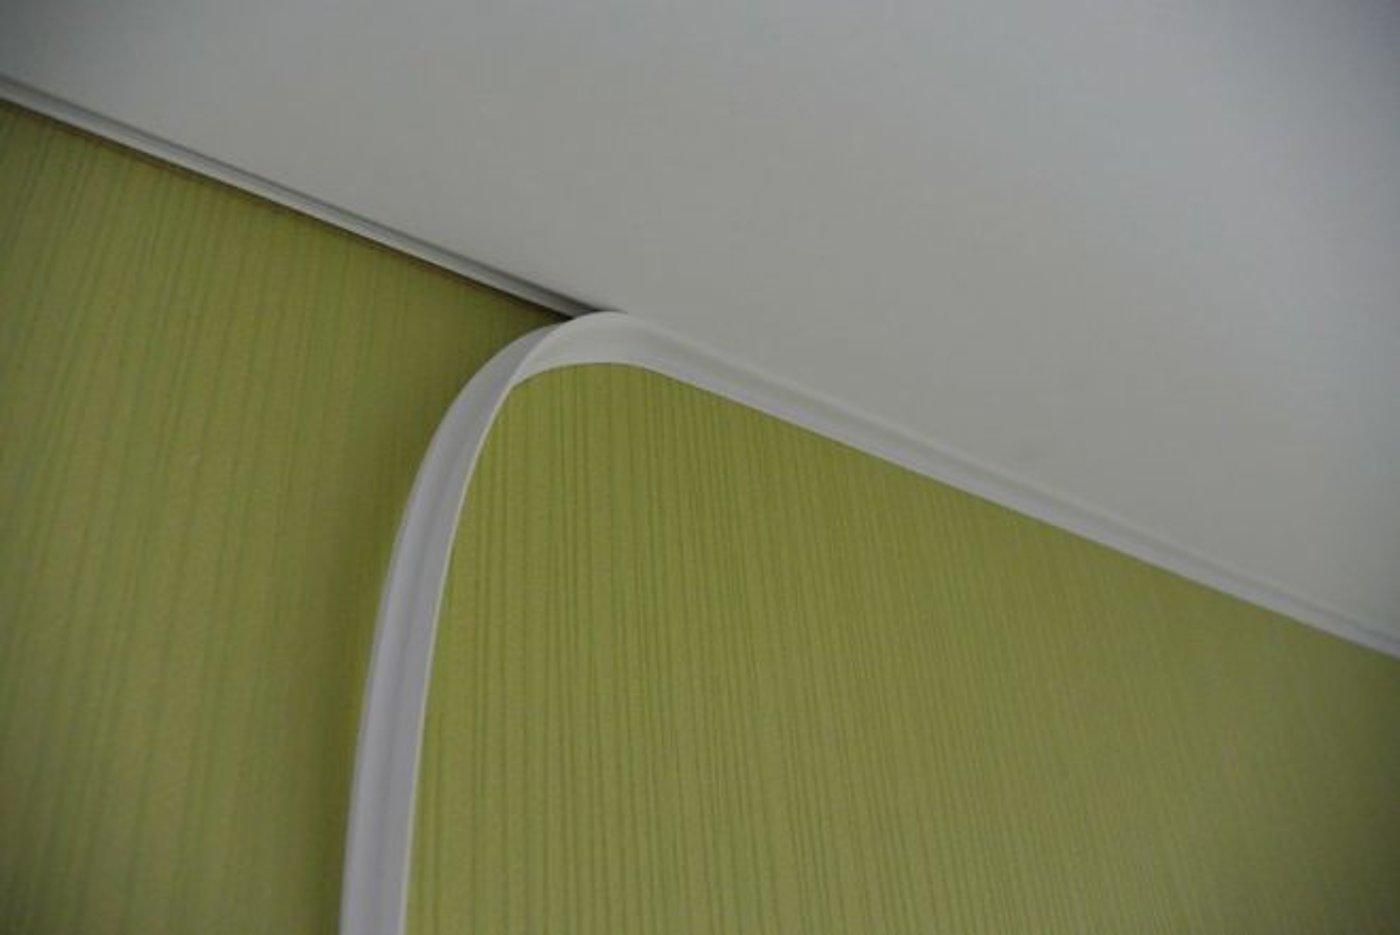 тесьма на потолок фото